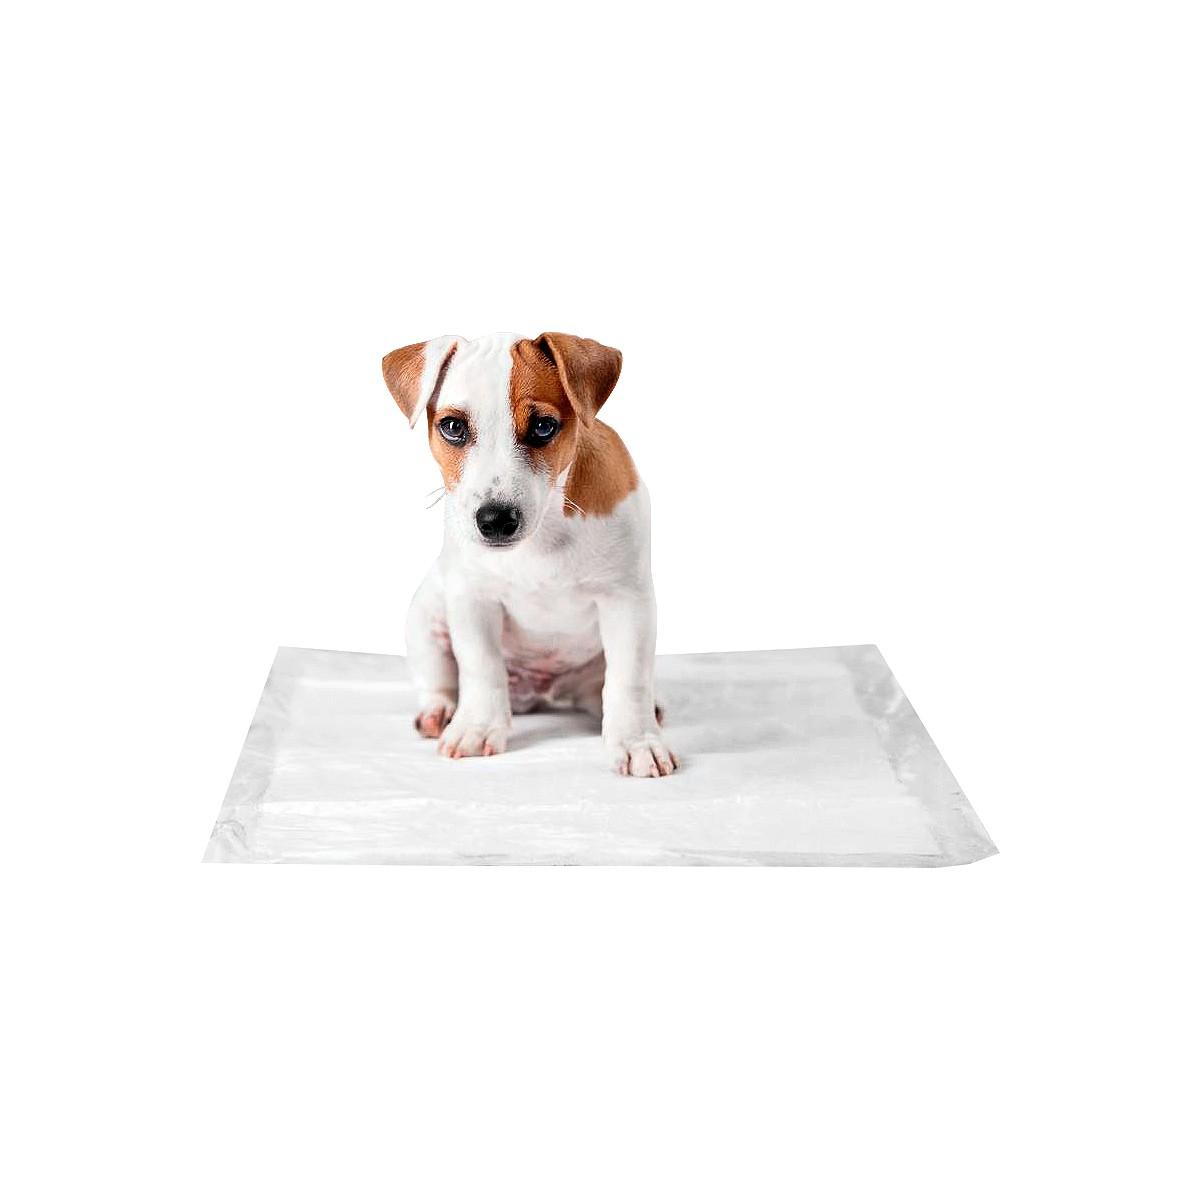 Tapete Higiênico P/ Cães 30 Unidades 60x90cm Até 1,5 Litros